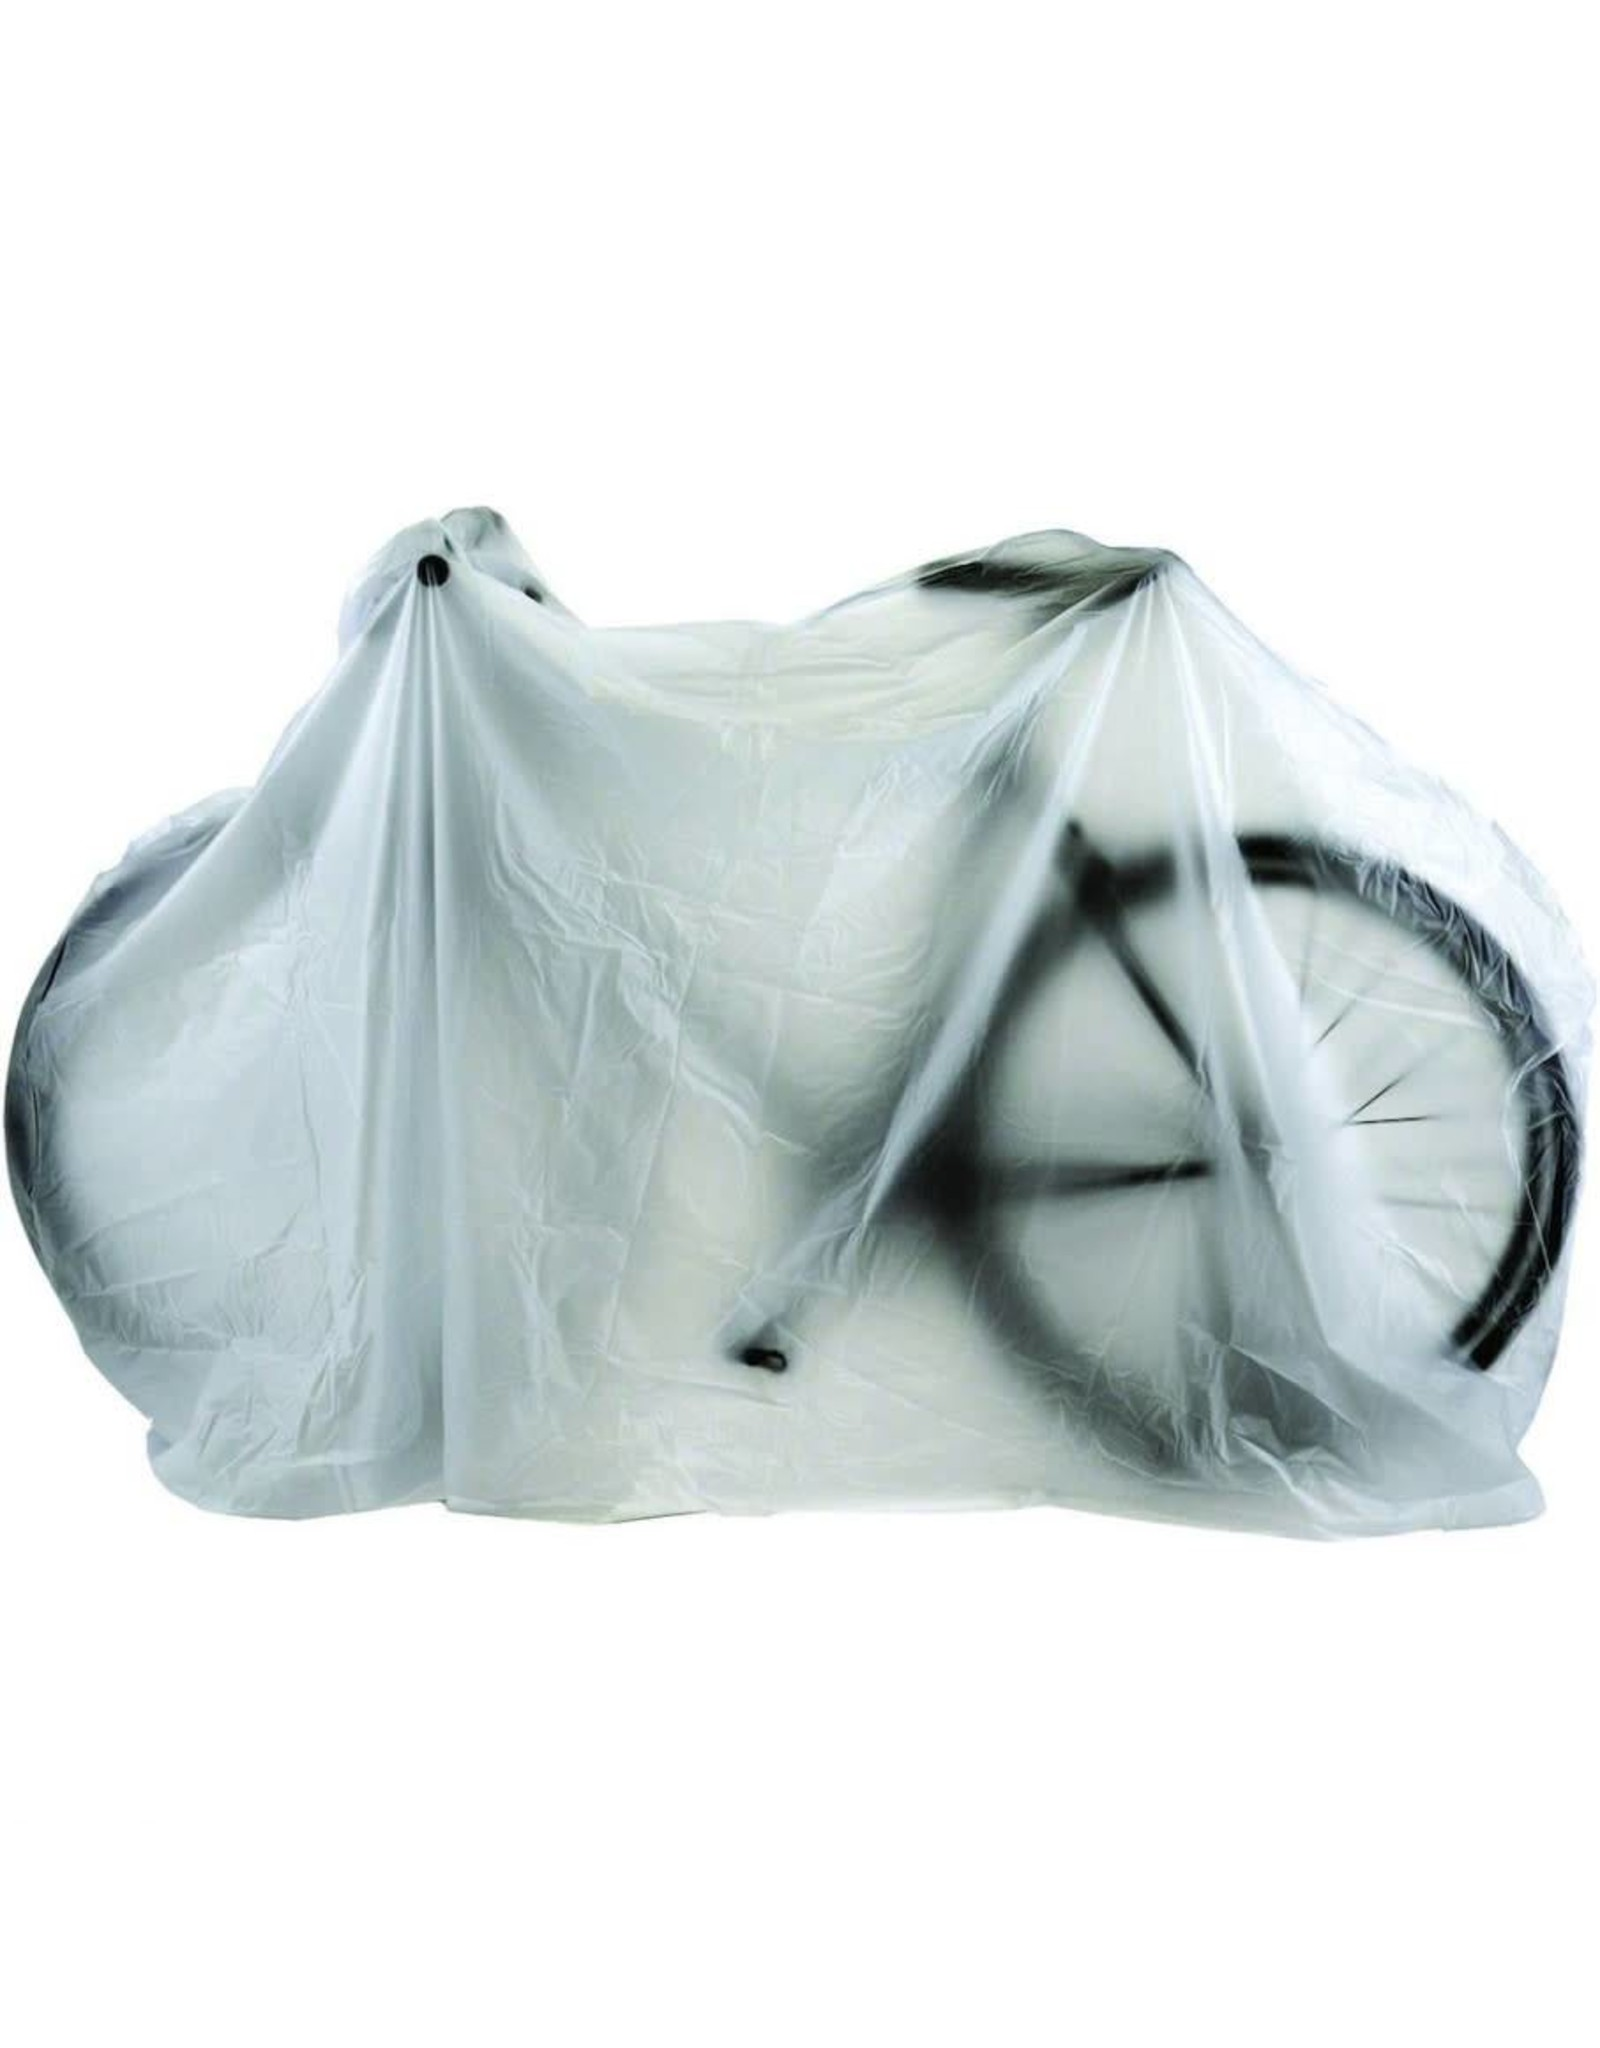 49N 49n Bike Cover (PVC)